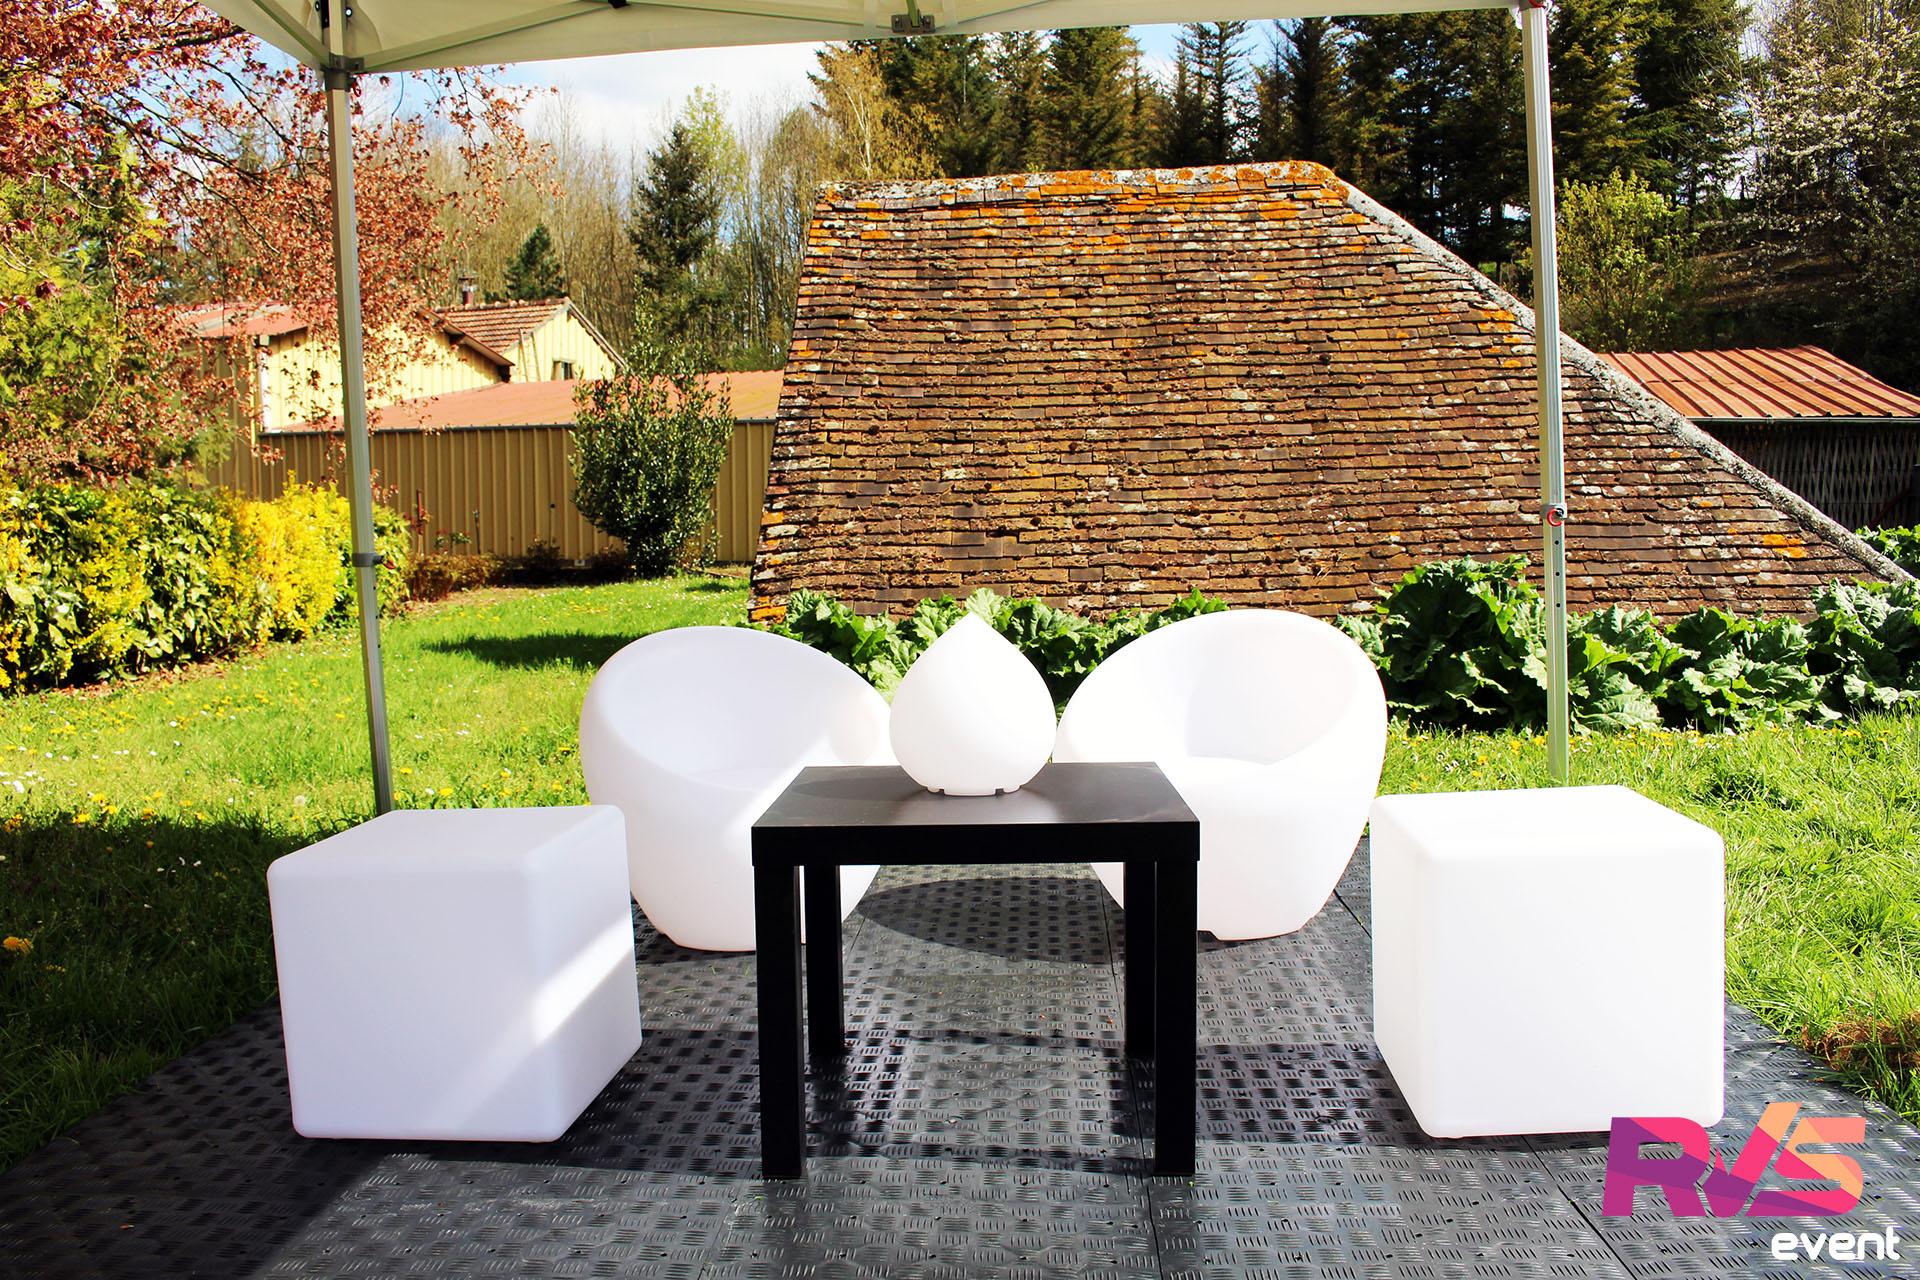 Location de salons tente 3x3 mobilier rvs event for Location mobilier salon